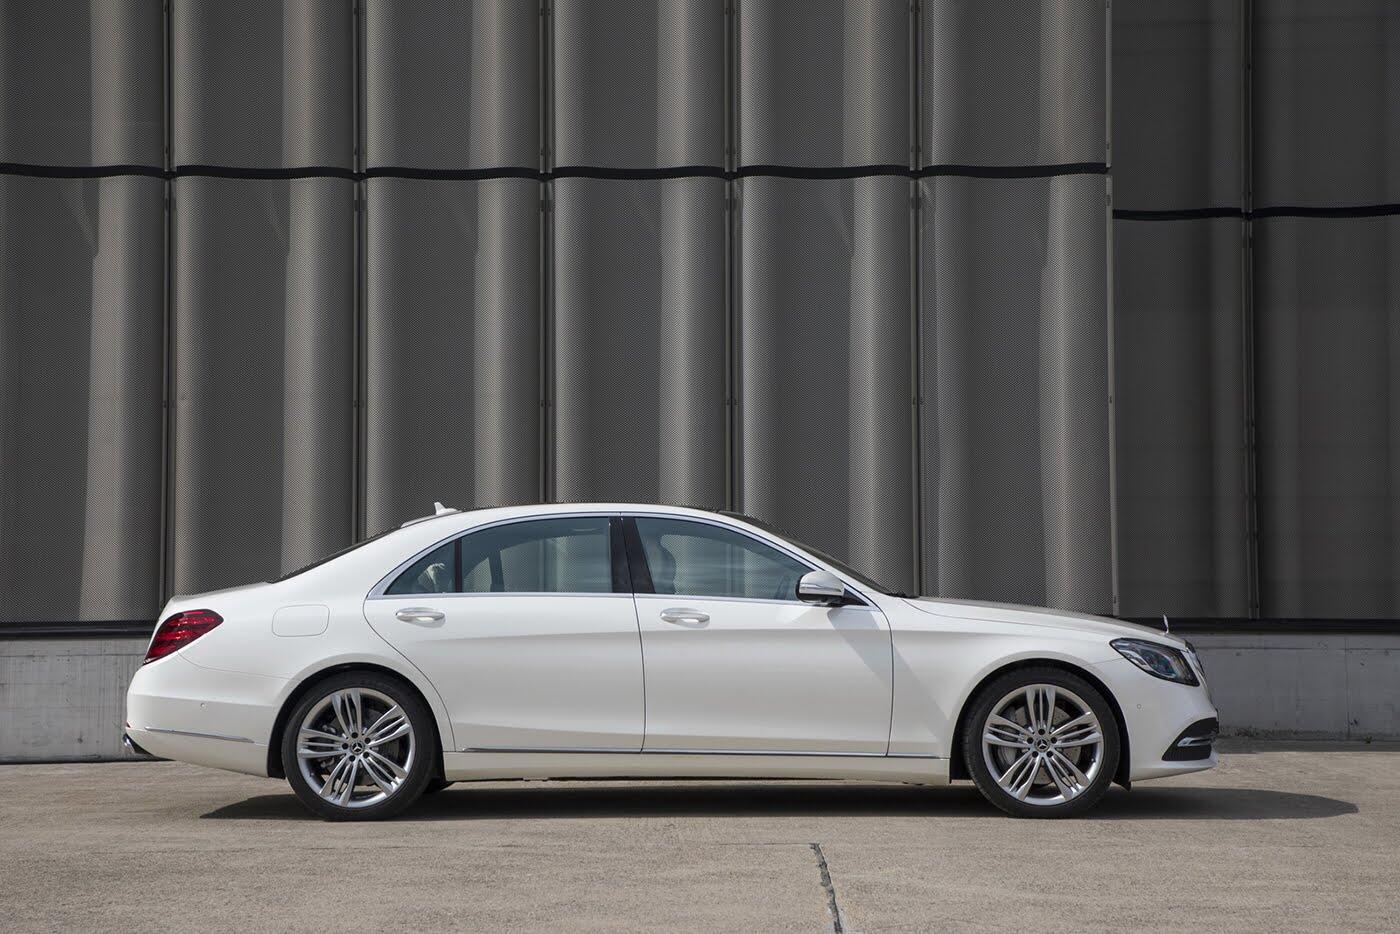 """Chiêm ngưỡng """"kiệt tác"""" Mercedes-Benz S-Class 2018 - Hình 5"""